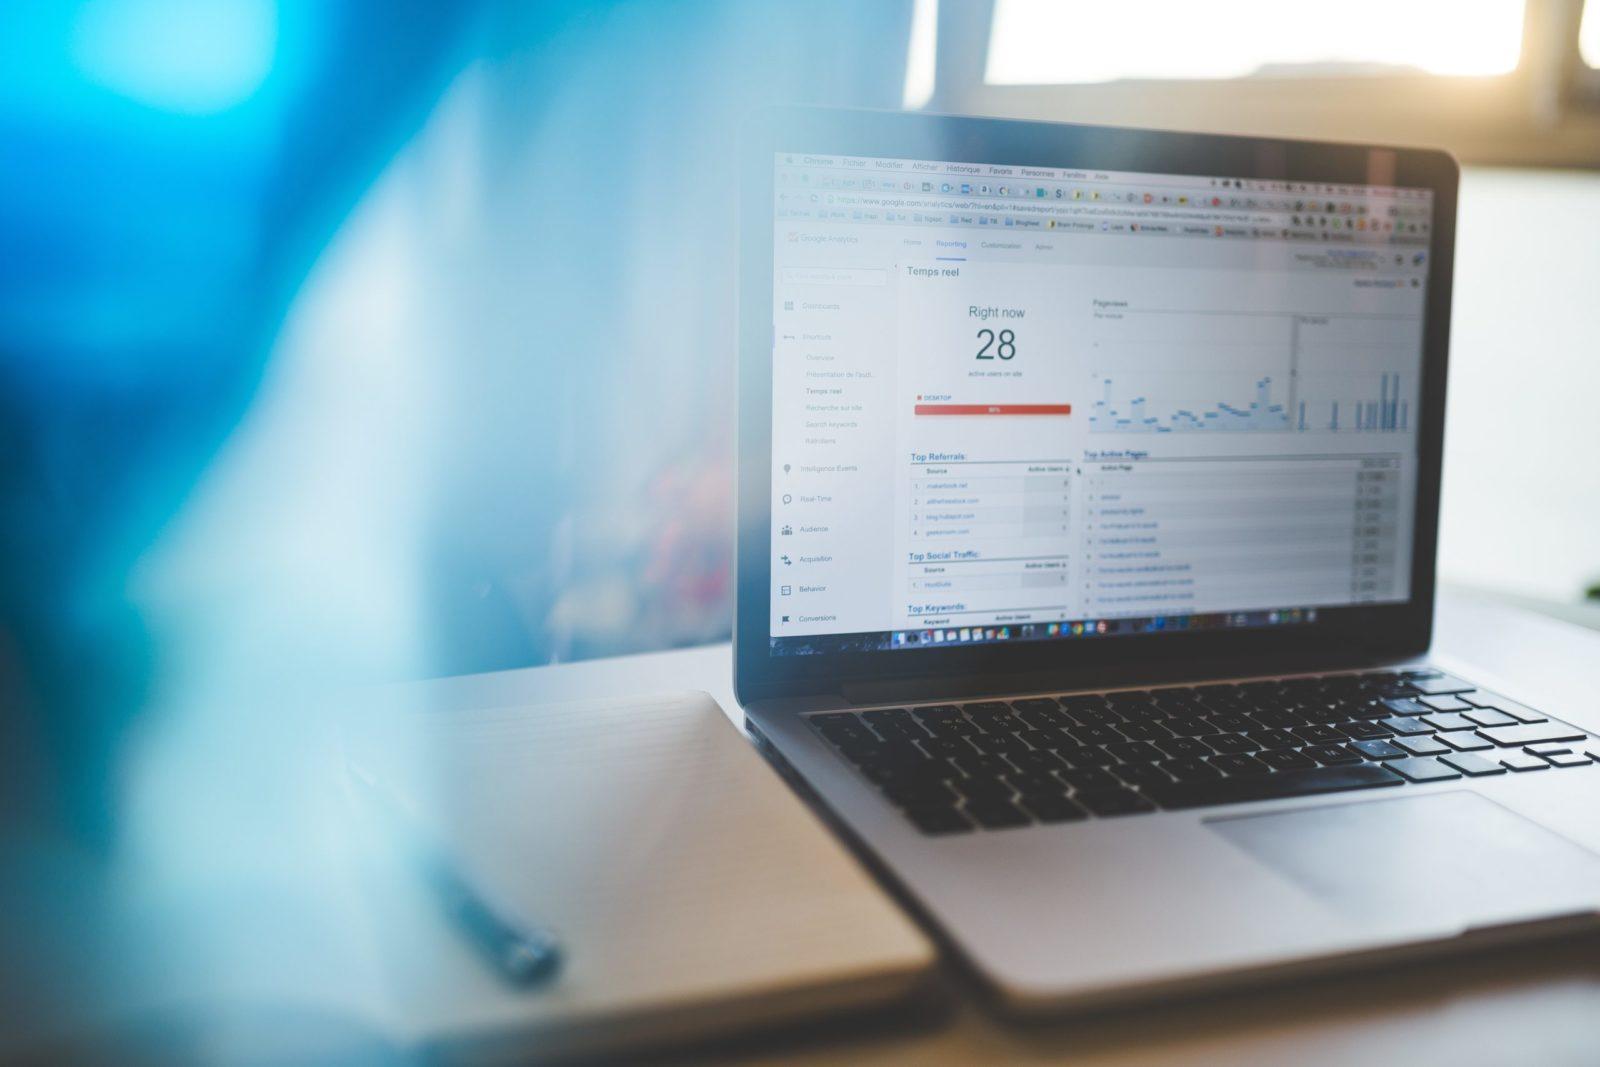 Como mejoran las aseguradoras gracias a open data